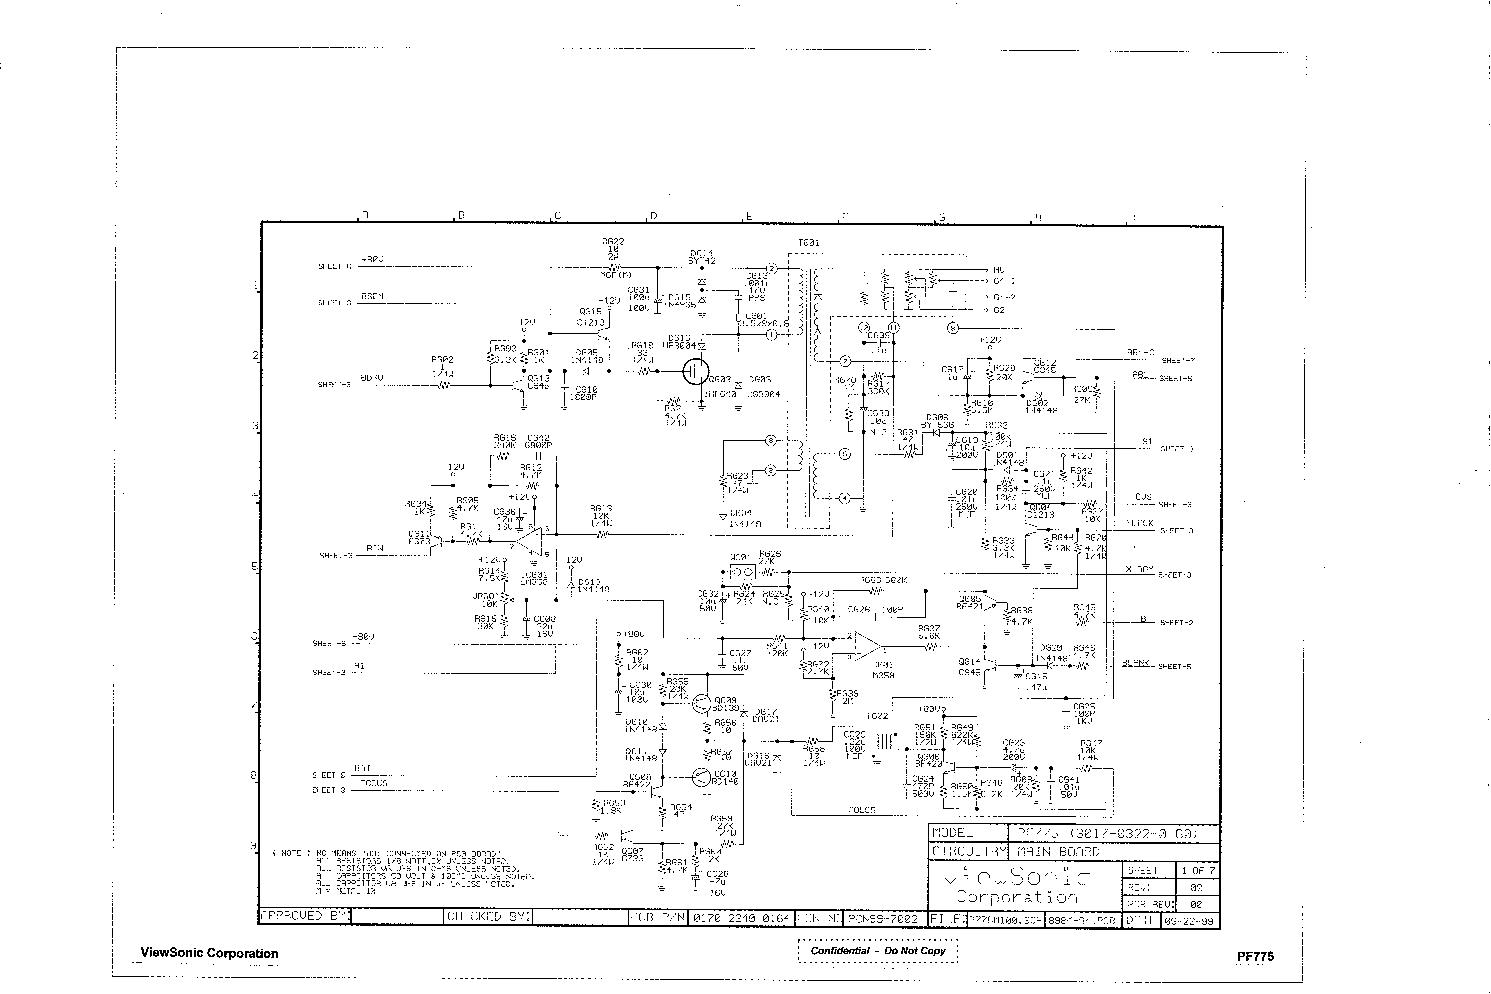 VIEWSONIC P775 SCH